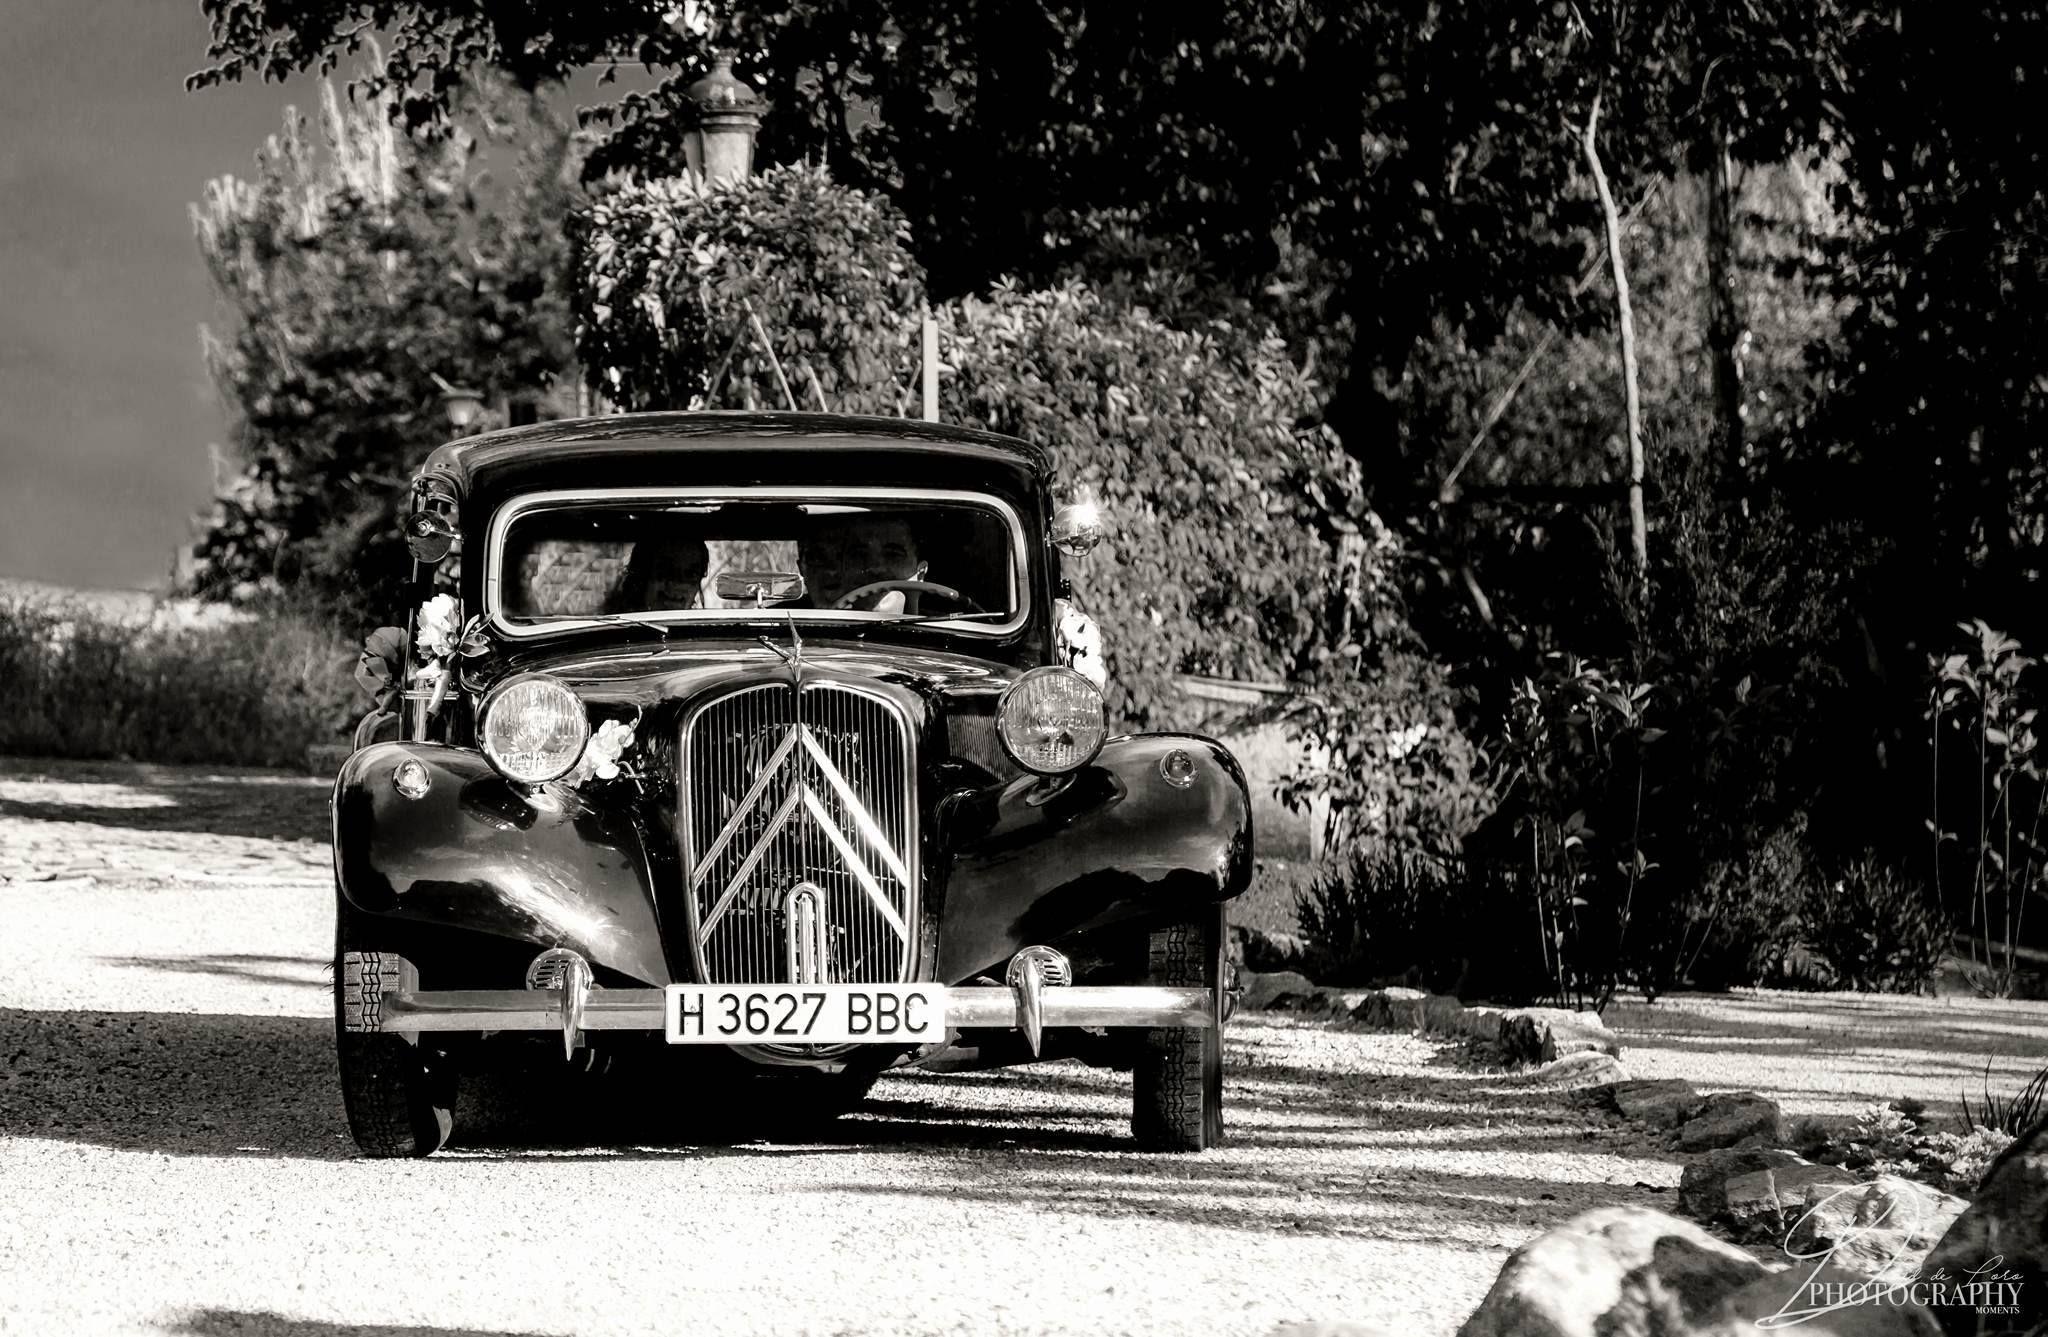 Alquiler de vehículos clásicos en Madrid Centro